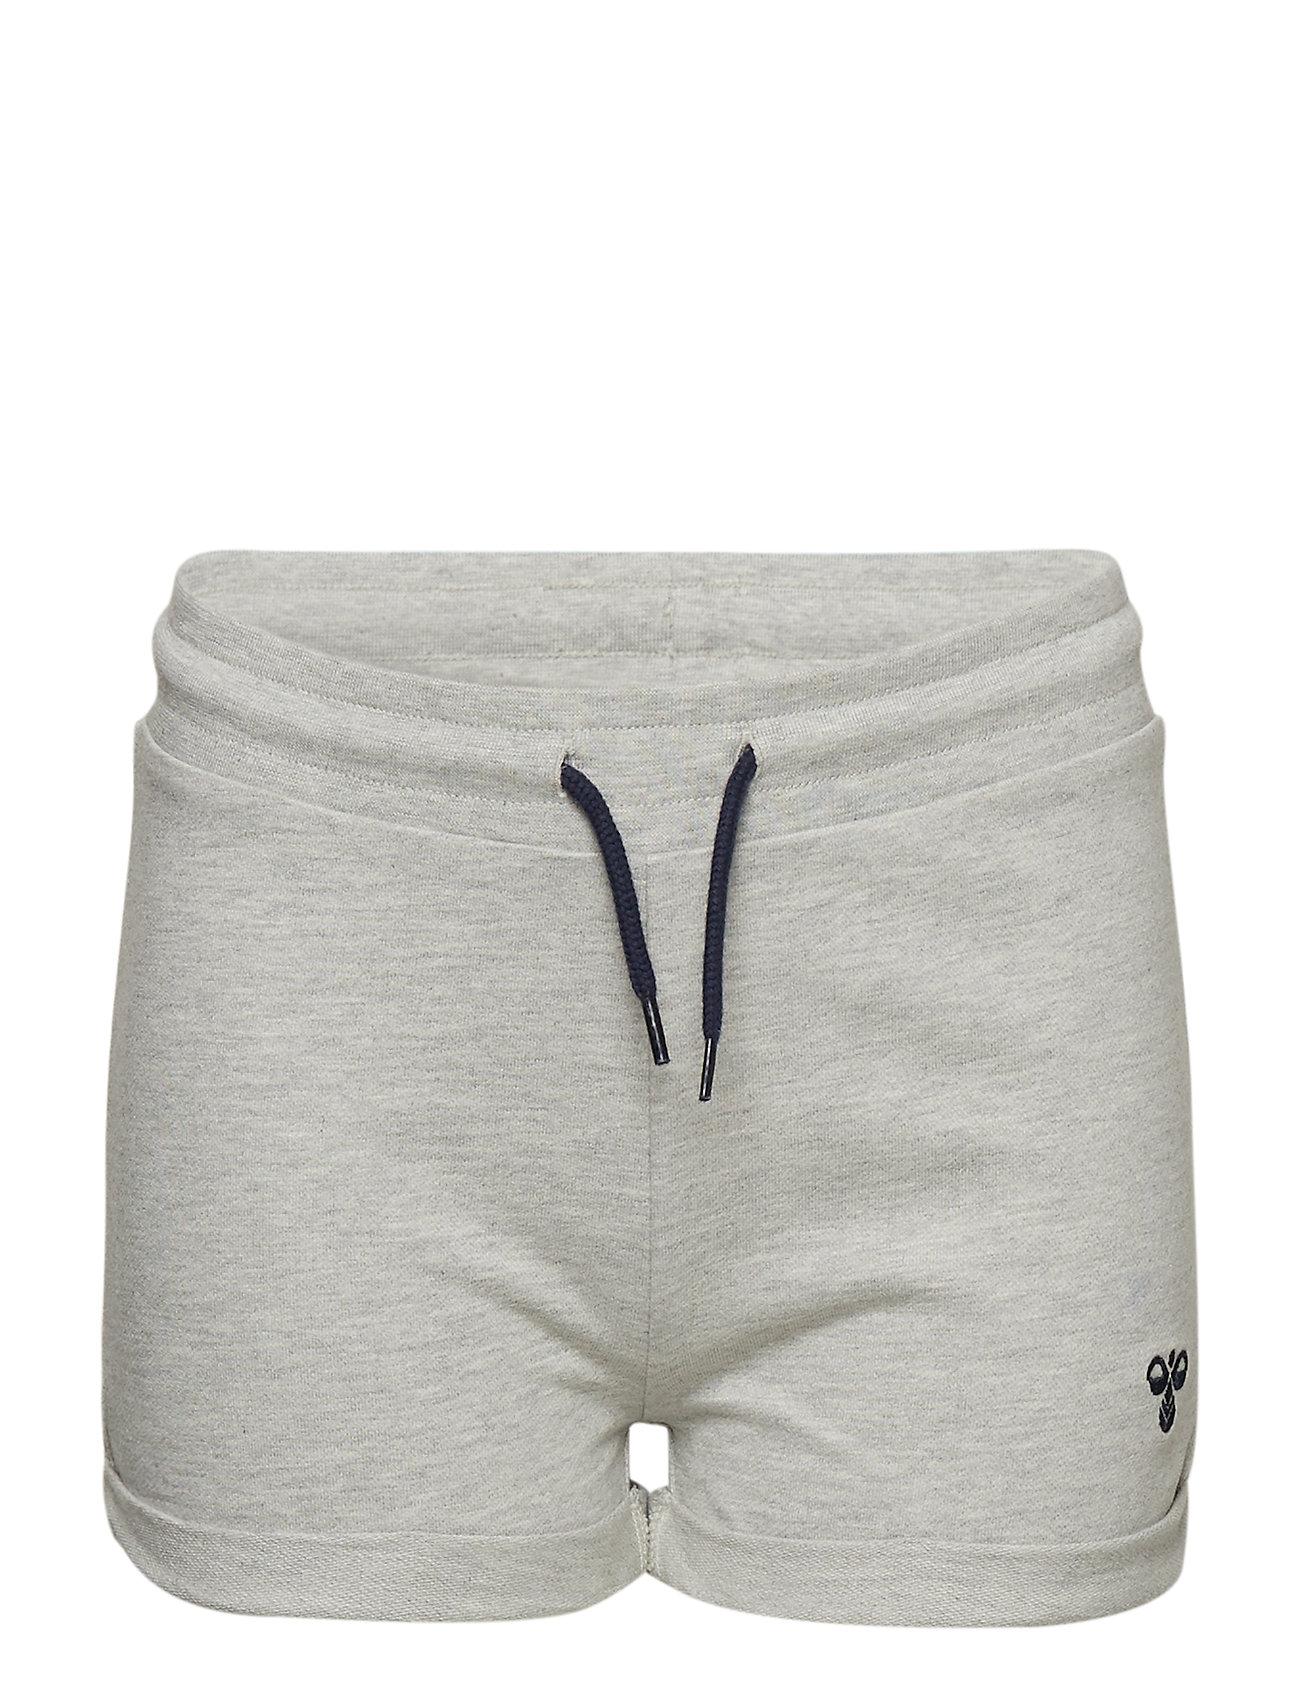 d05629b53b3 WHISPER WHITE MELANGE Hummel Hmlpernille Shorts shorts for børn ...